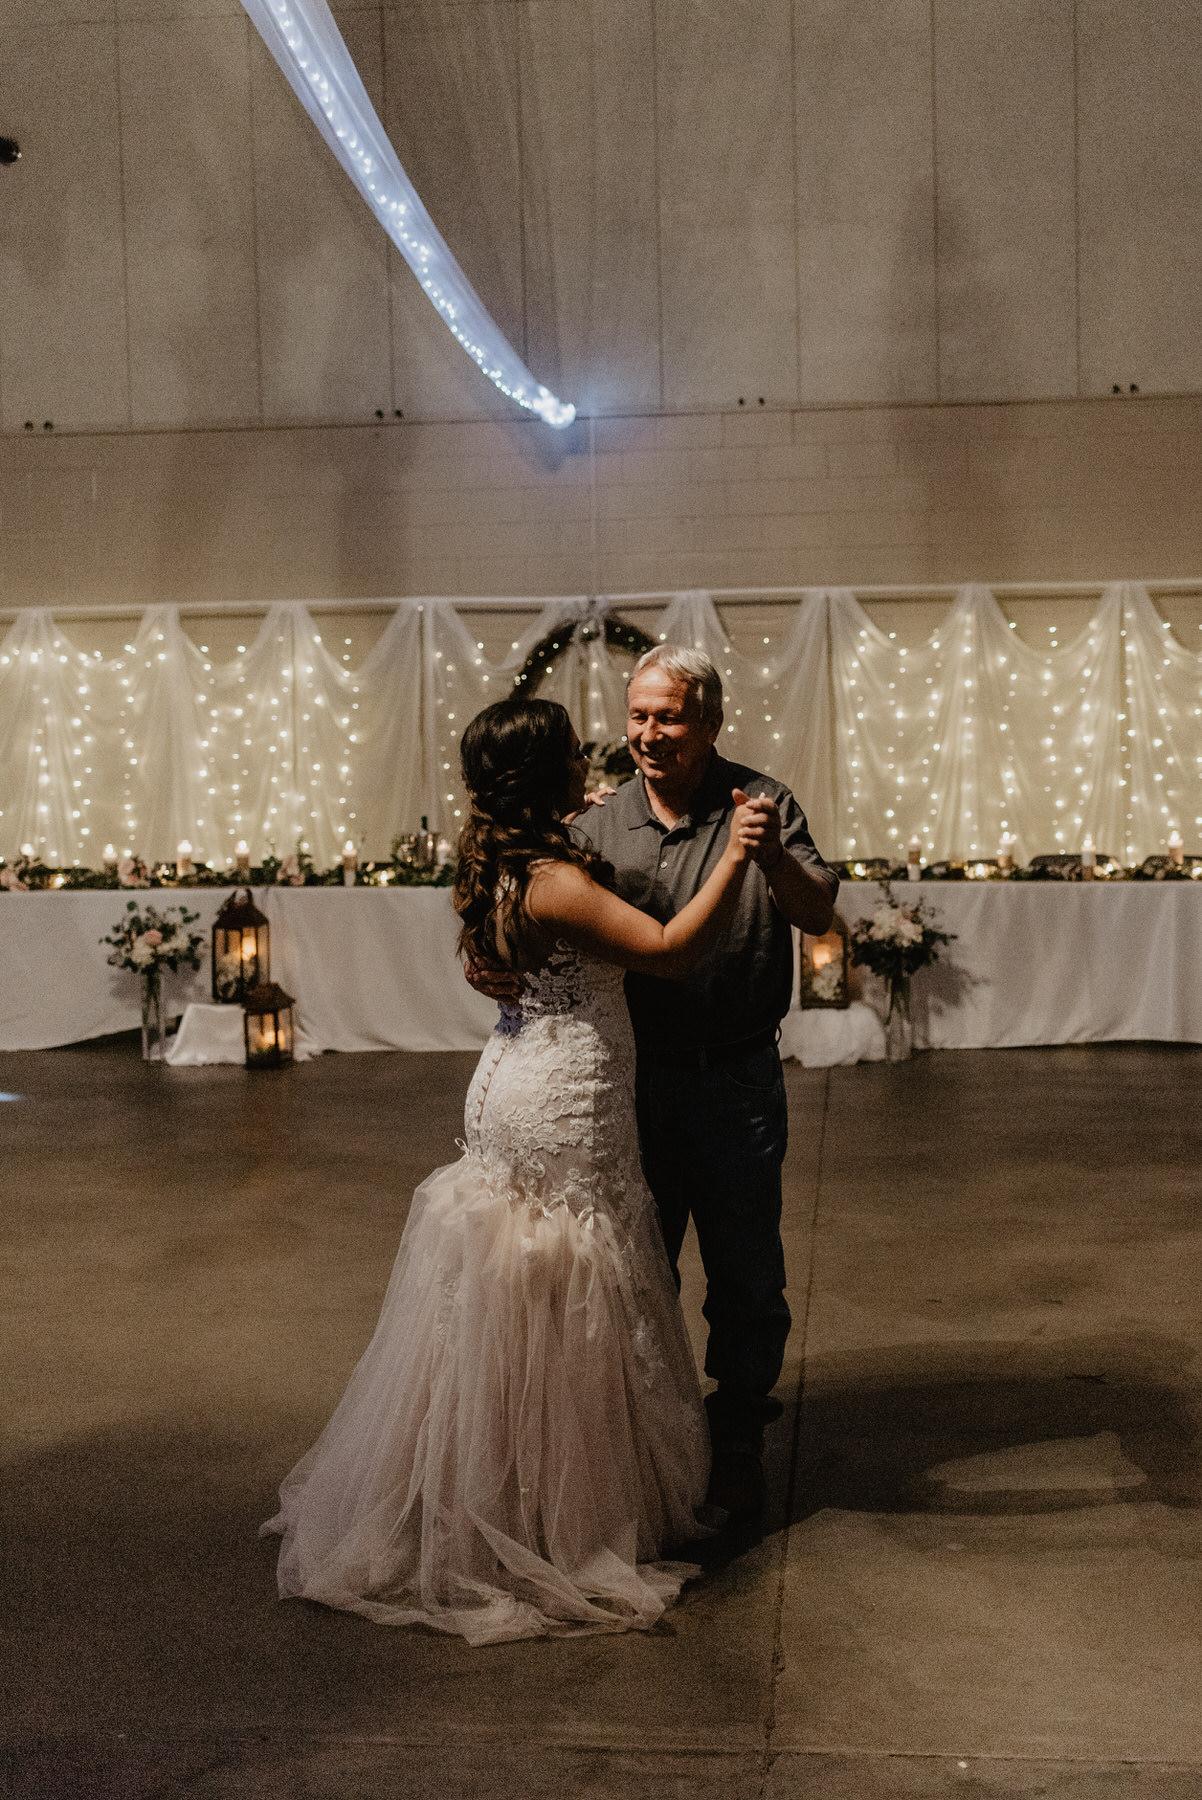 Kaylie-Sirek-Photography-Kearney-Nebraska-Wedding-115.jpg